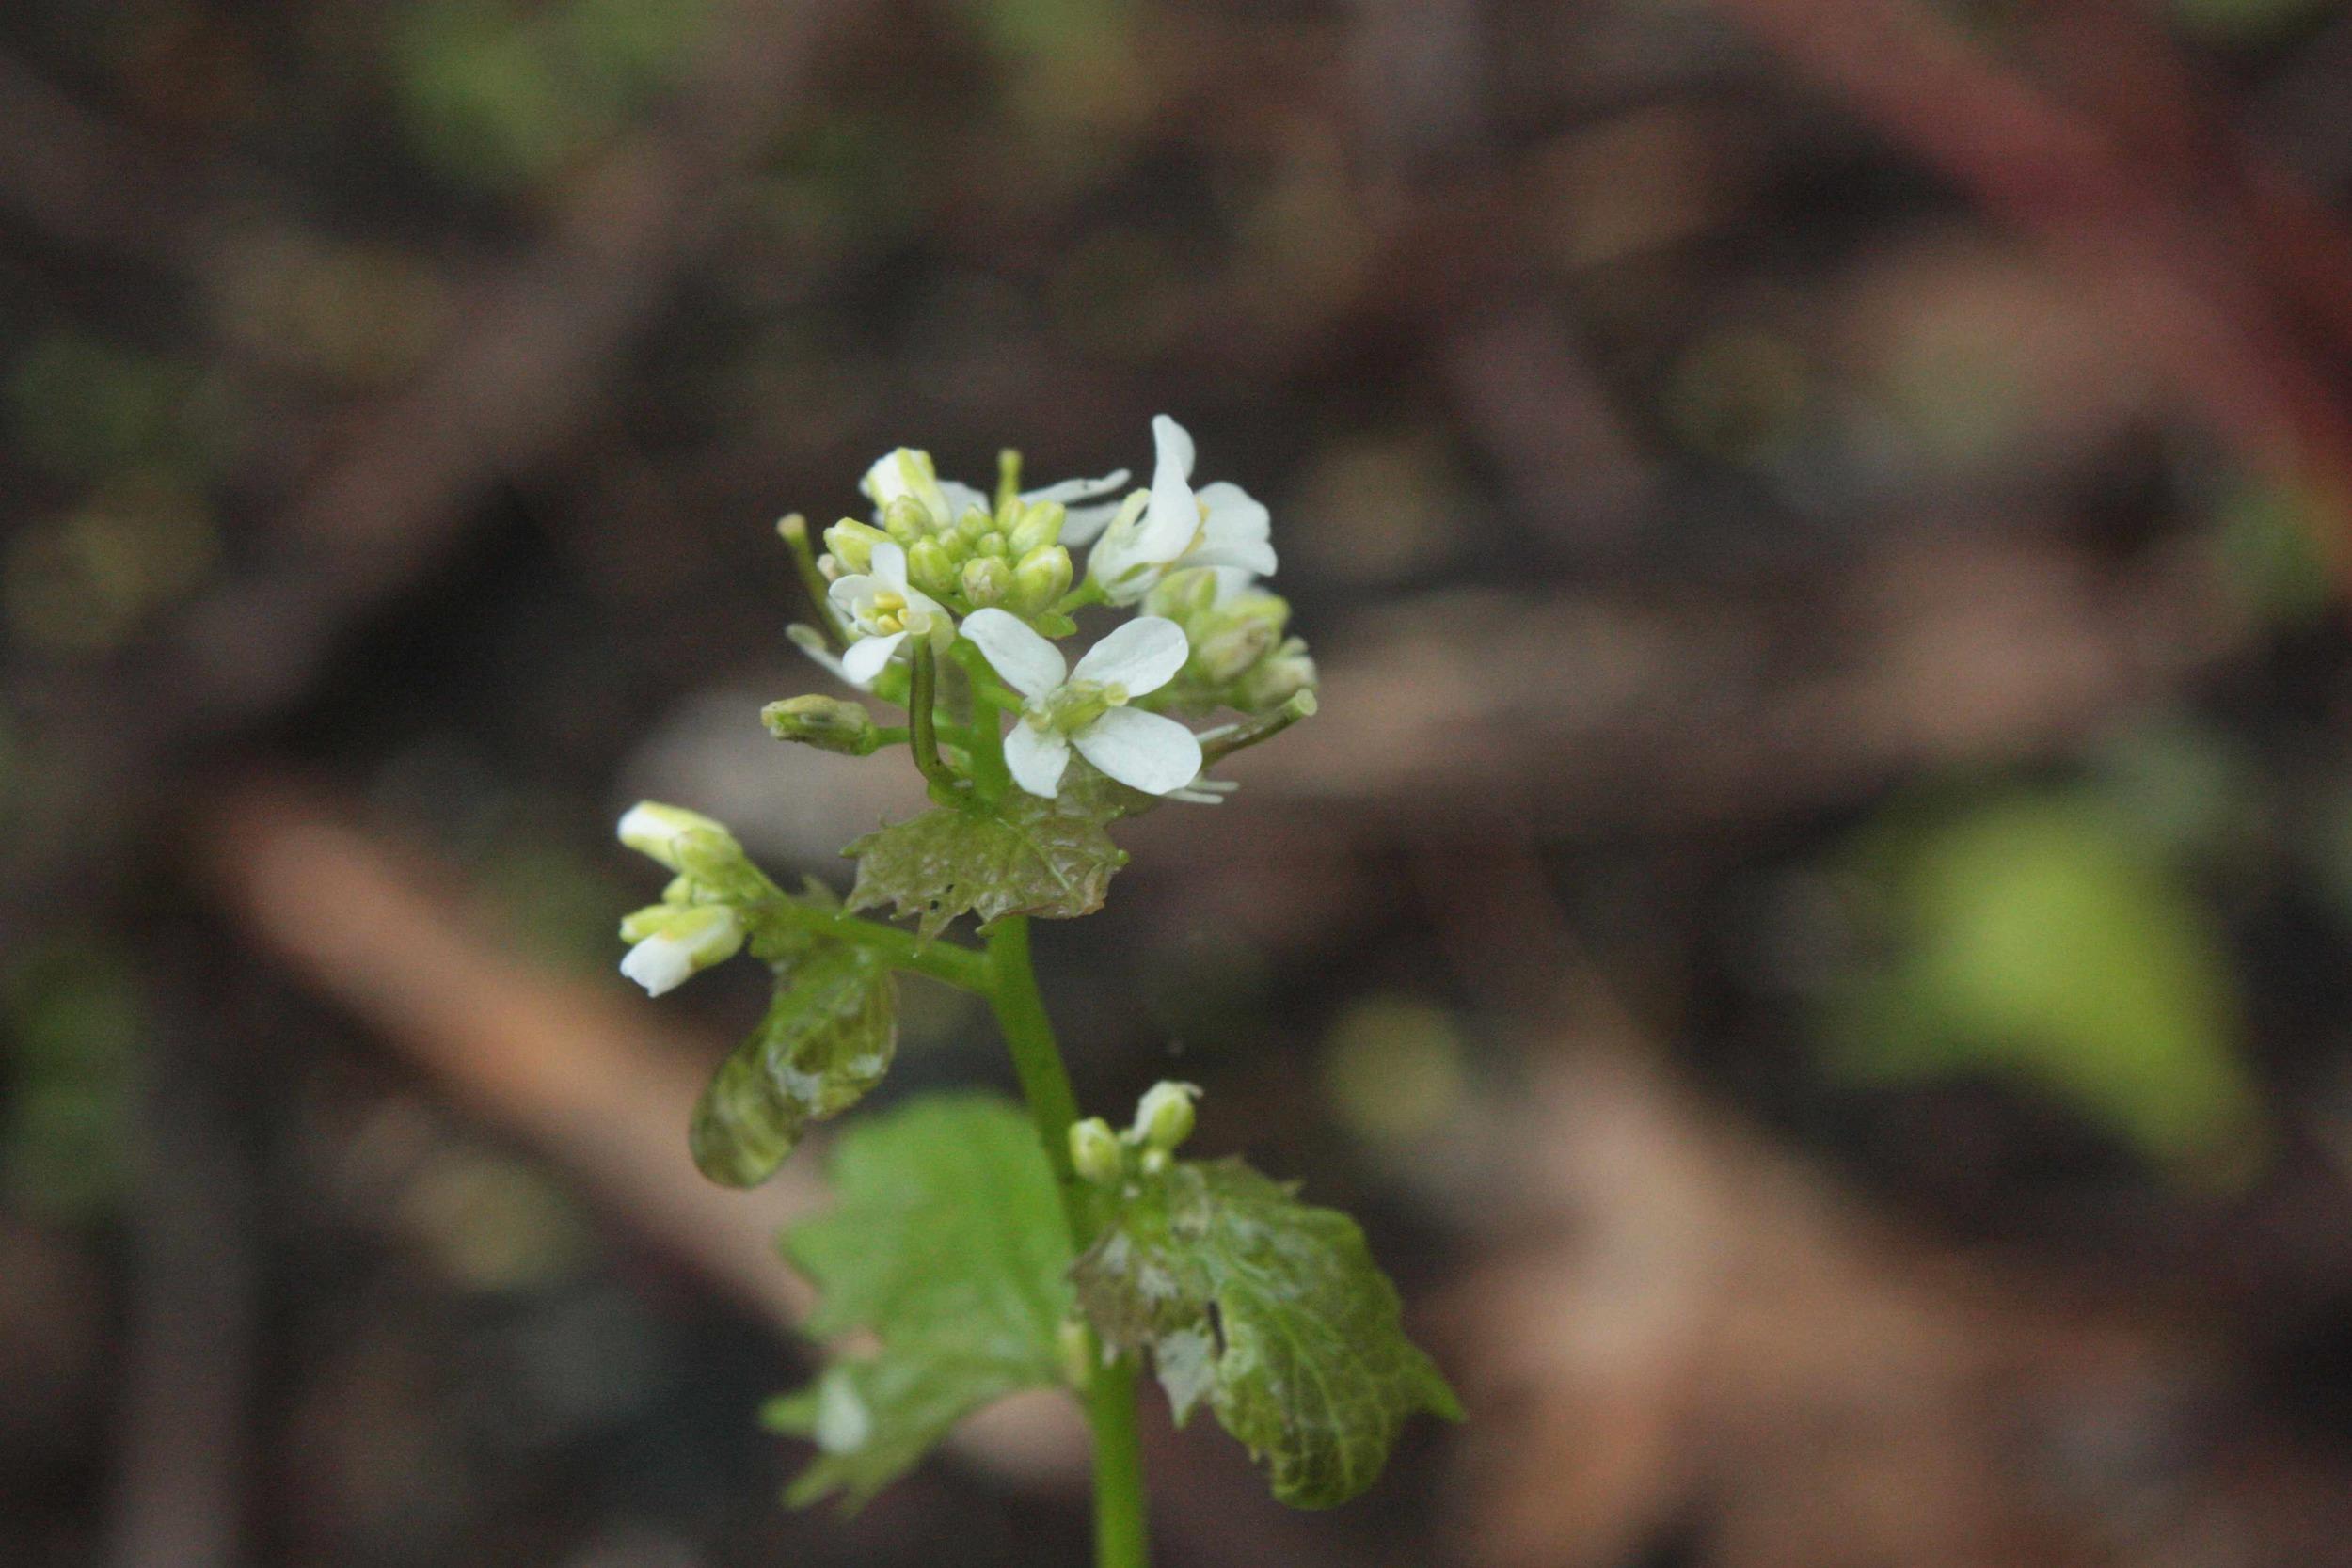 garlic-mustard-flower.JPG